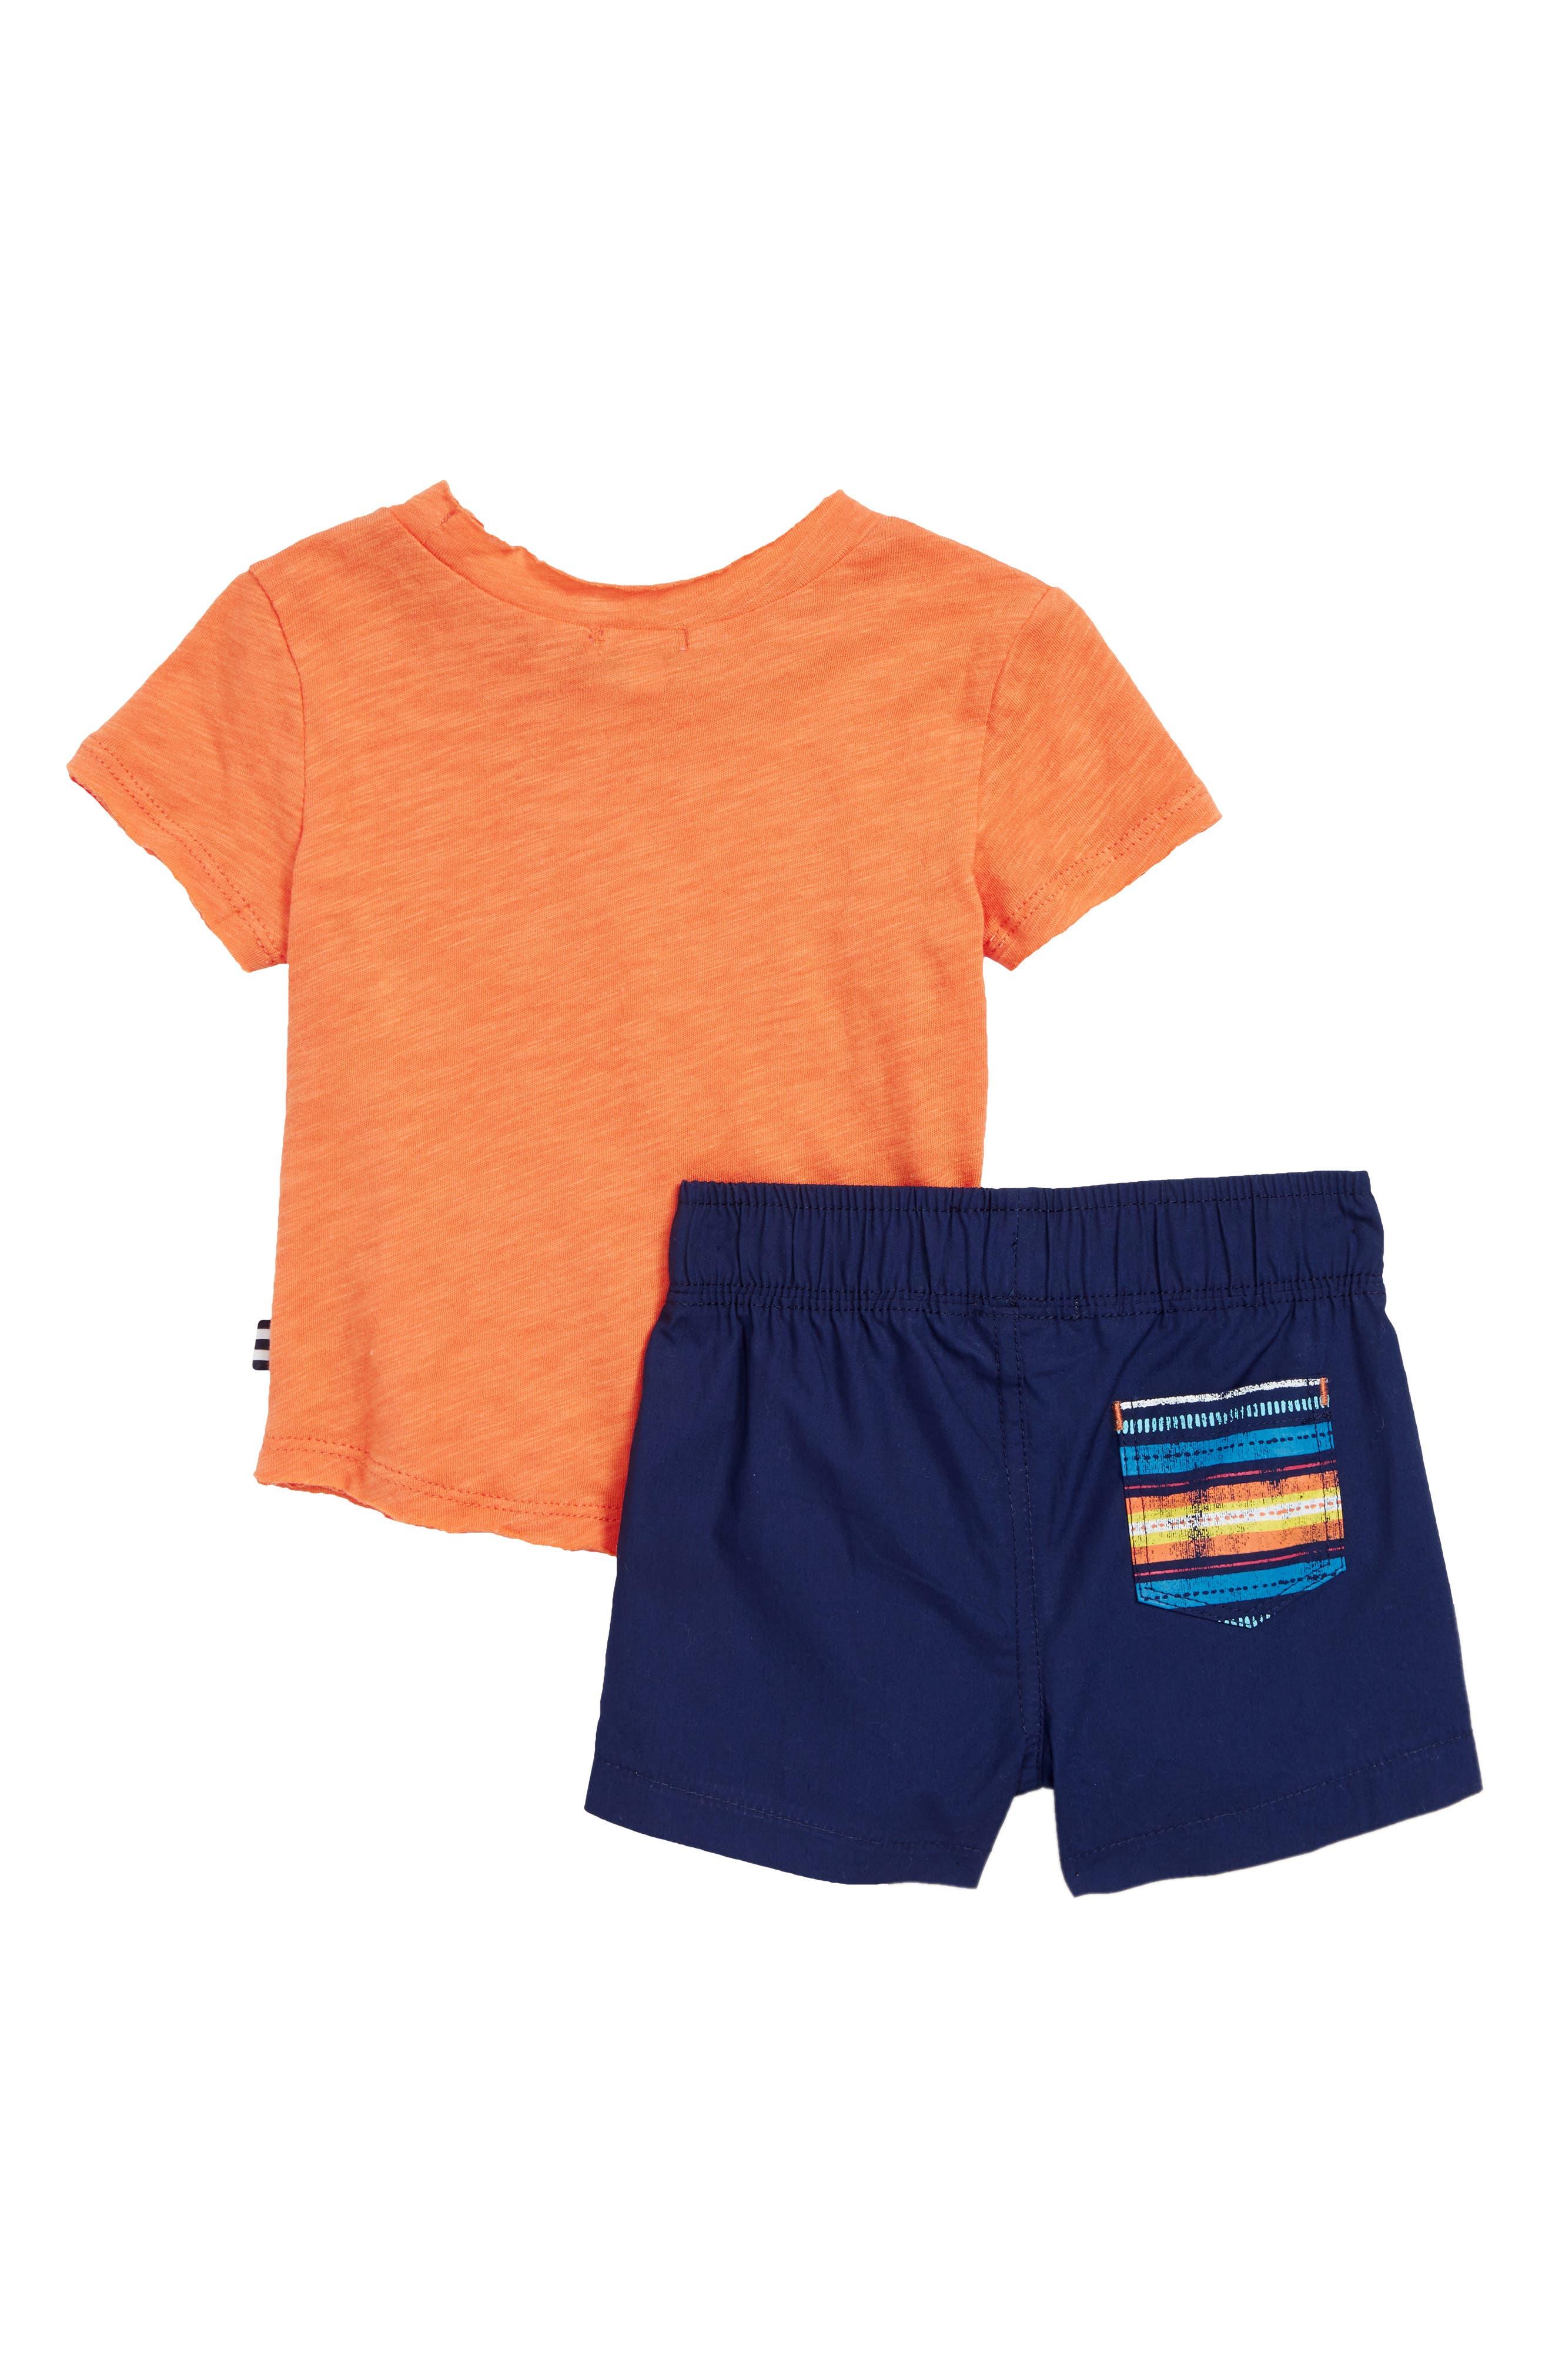 T-Shirt & Stripe Shorts Set,                             Alternate thumbnail 2, color,                             820